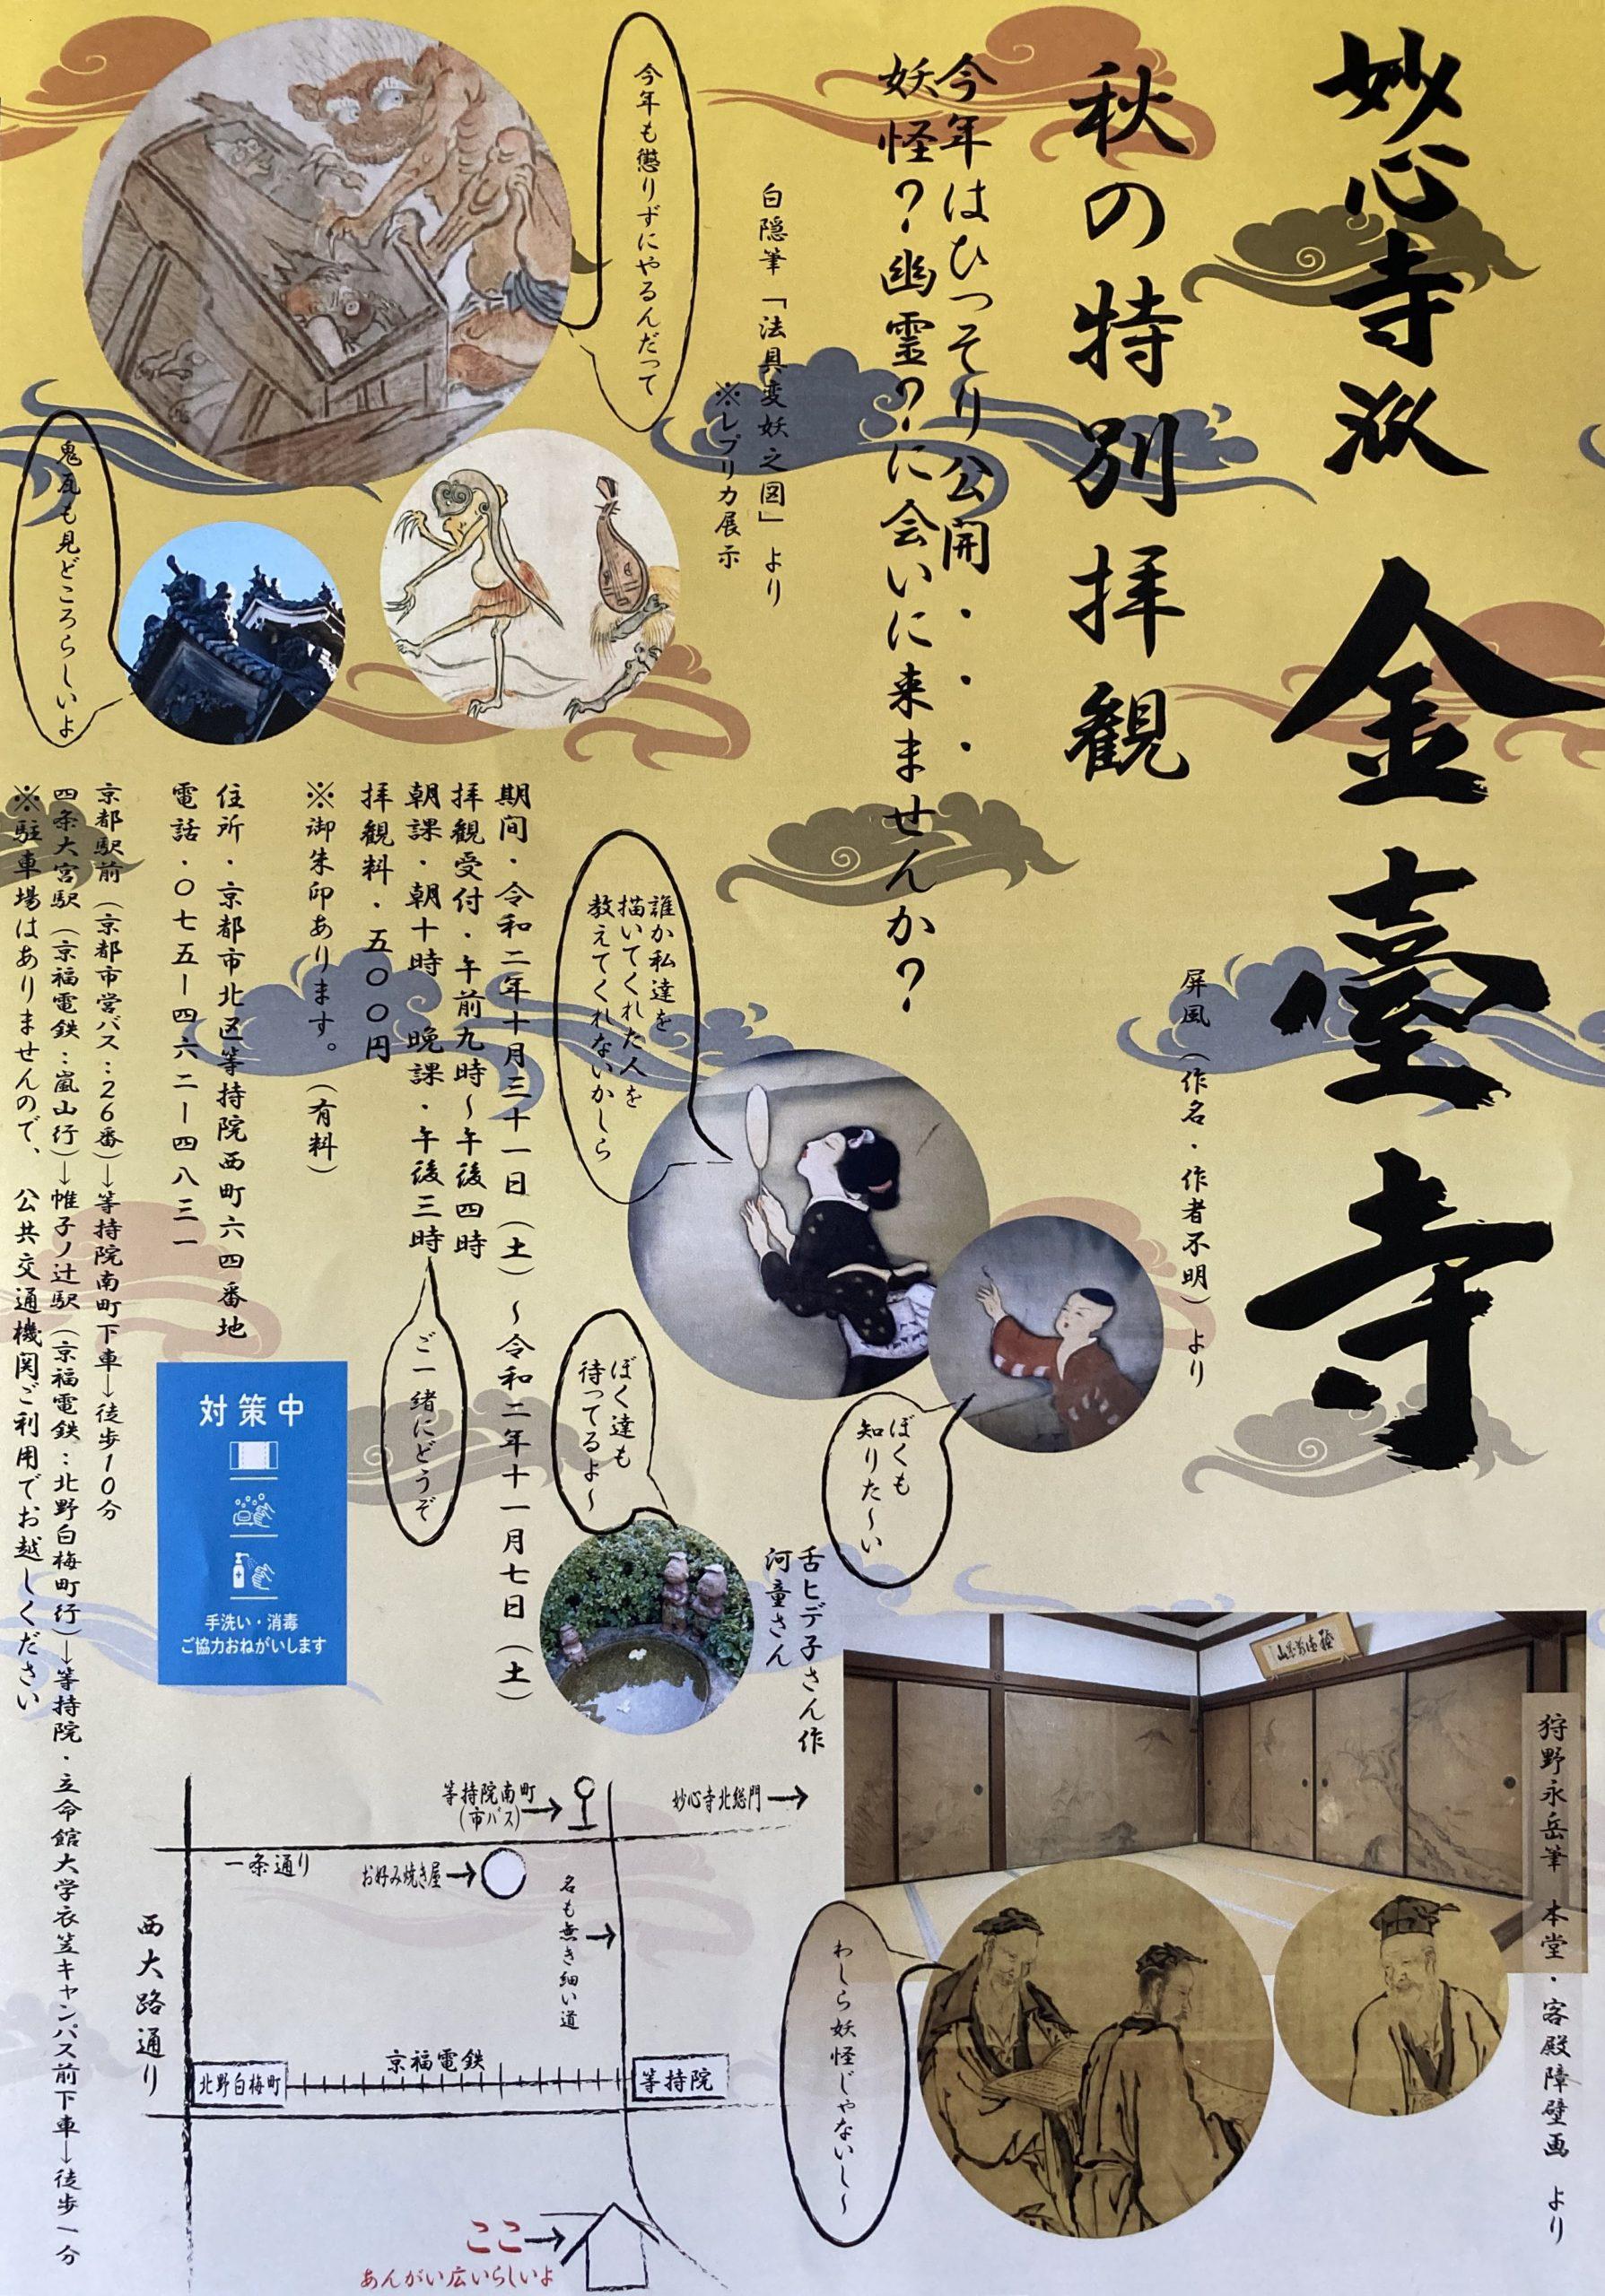 金臺寺/金台寺2020年秋季特別拝観